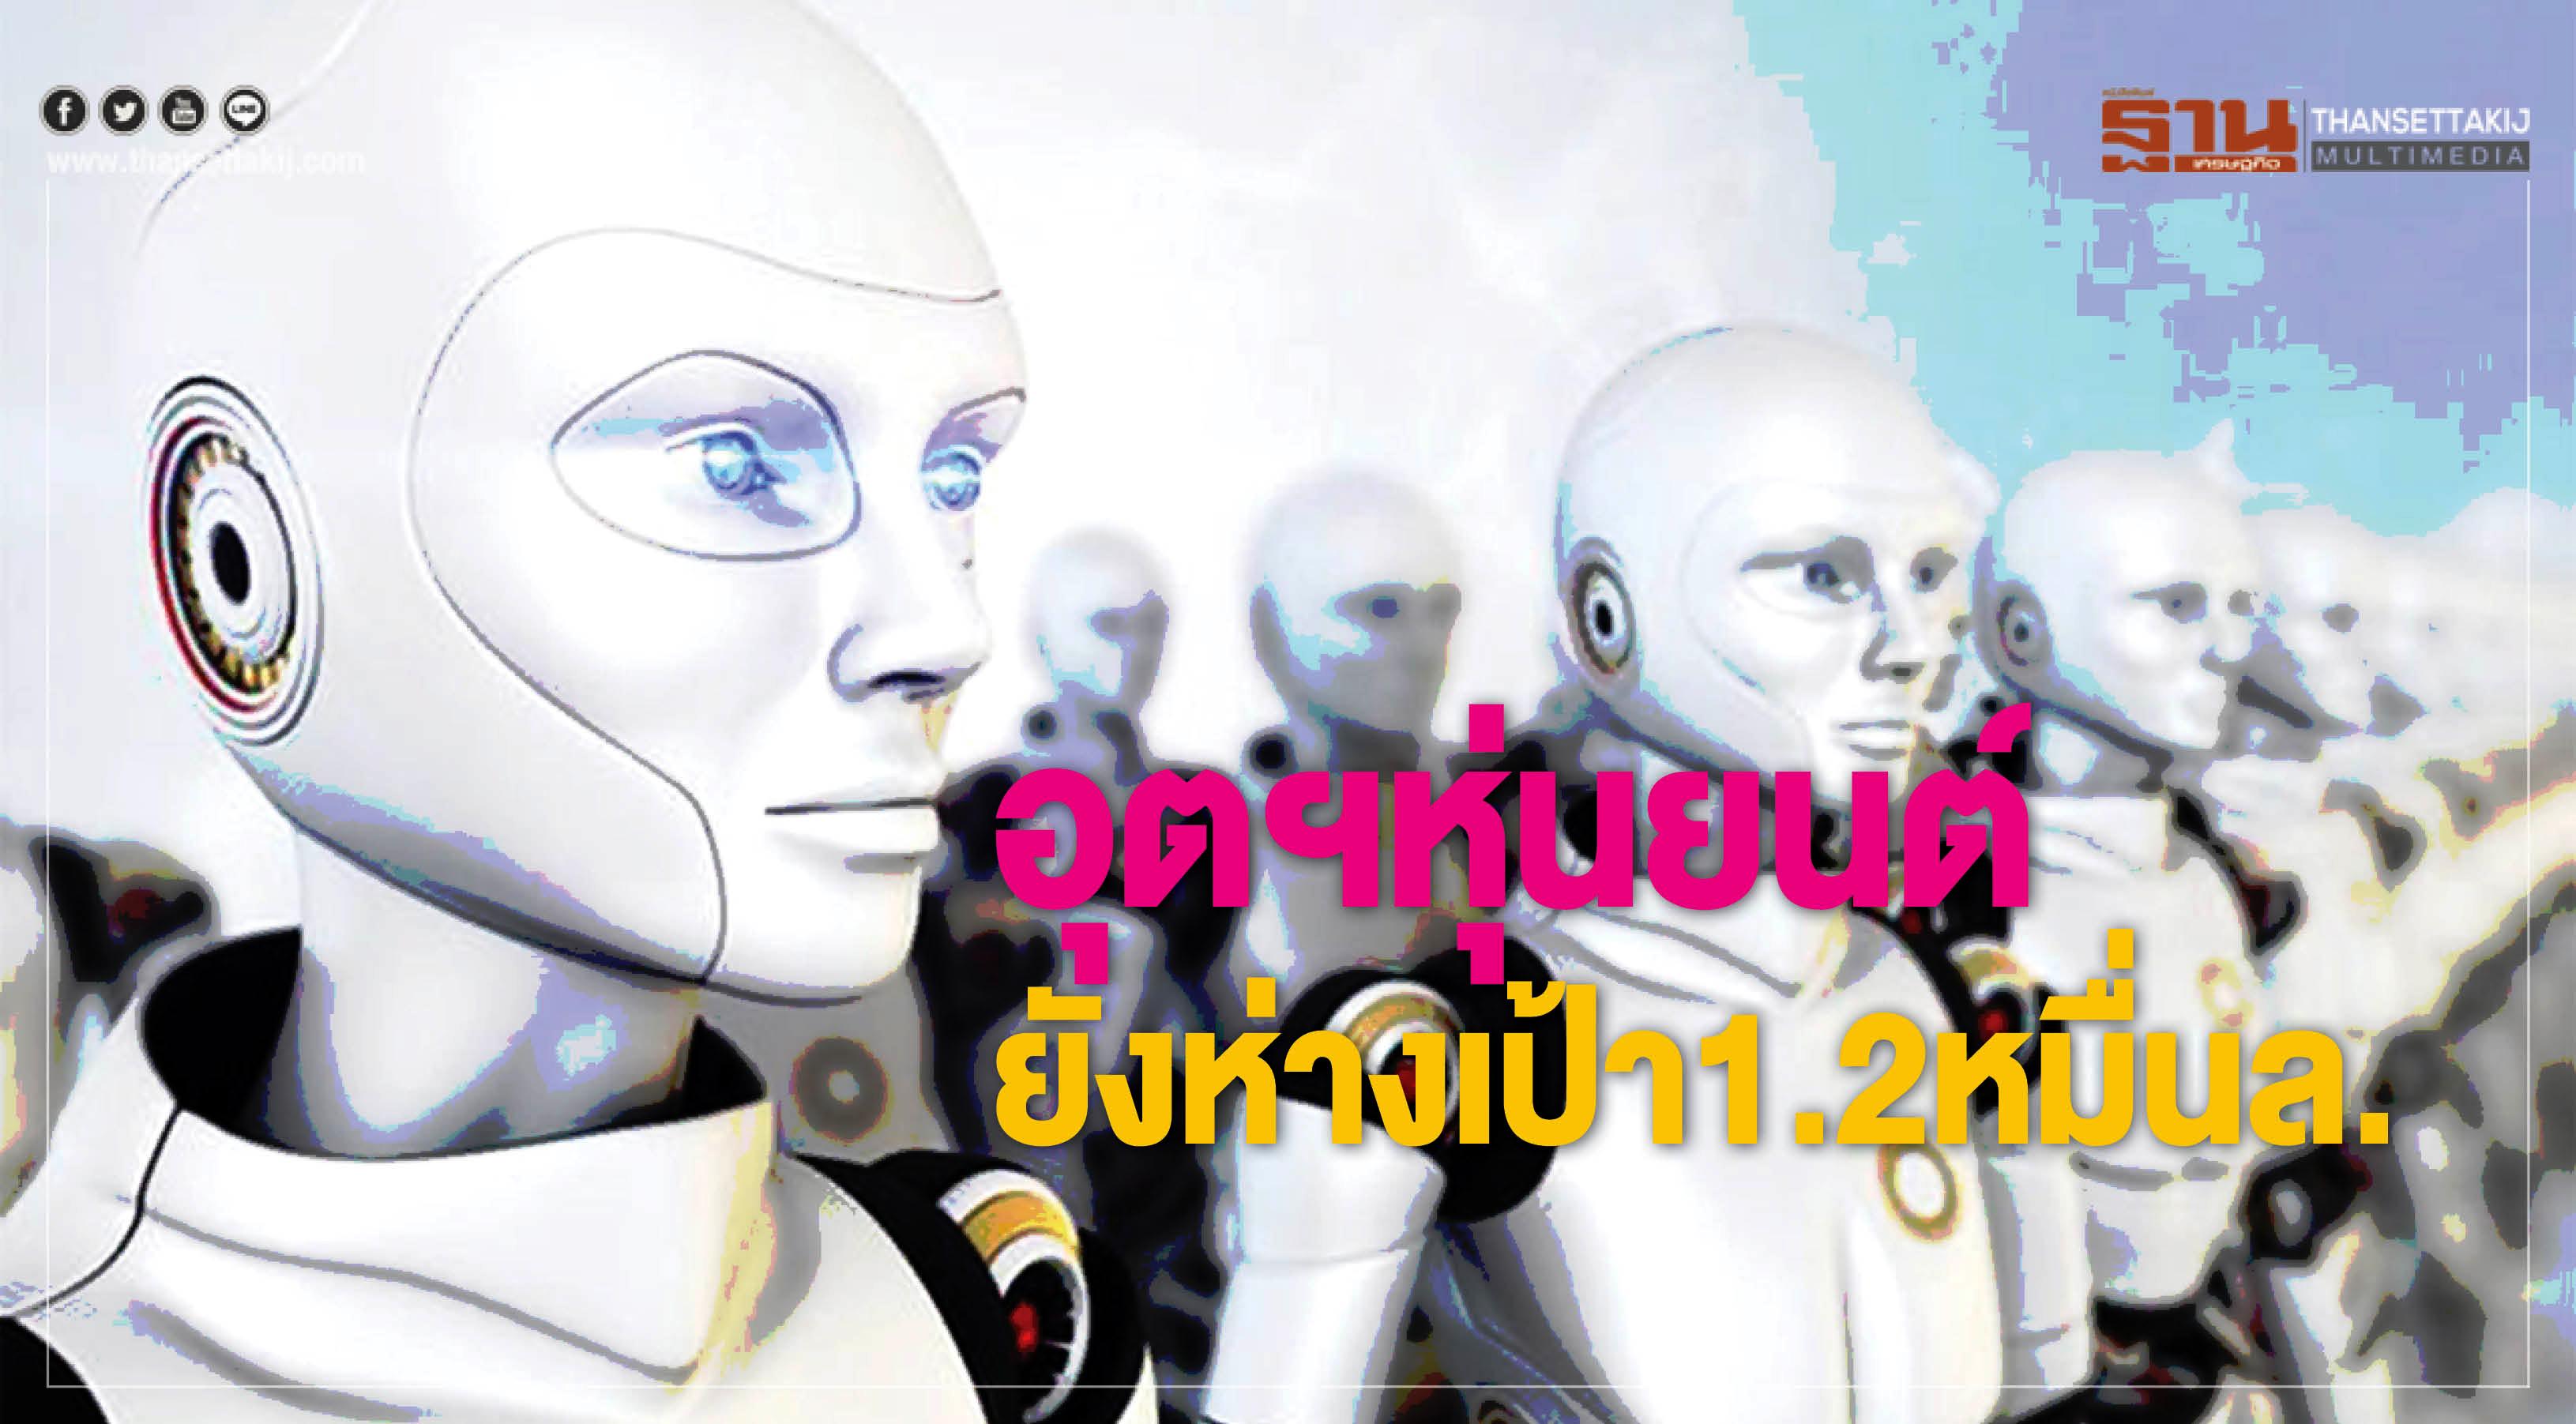 """""""อุตฯหุ่นยนต์"""" ยังห่างเป้าหมายลงทุน 1.2 หมื่นล้าน"""